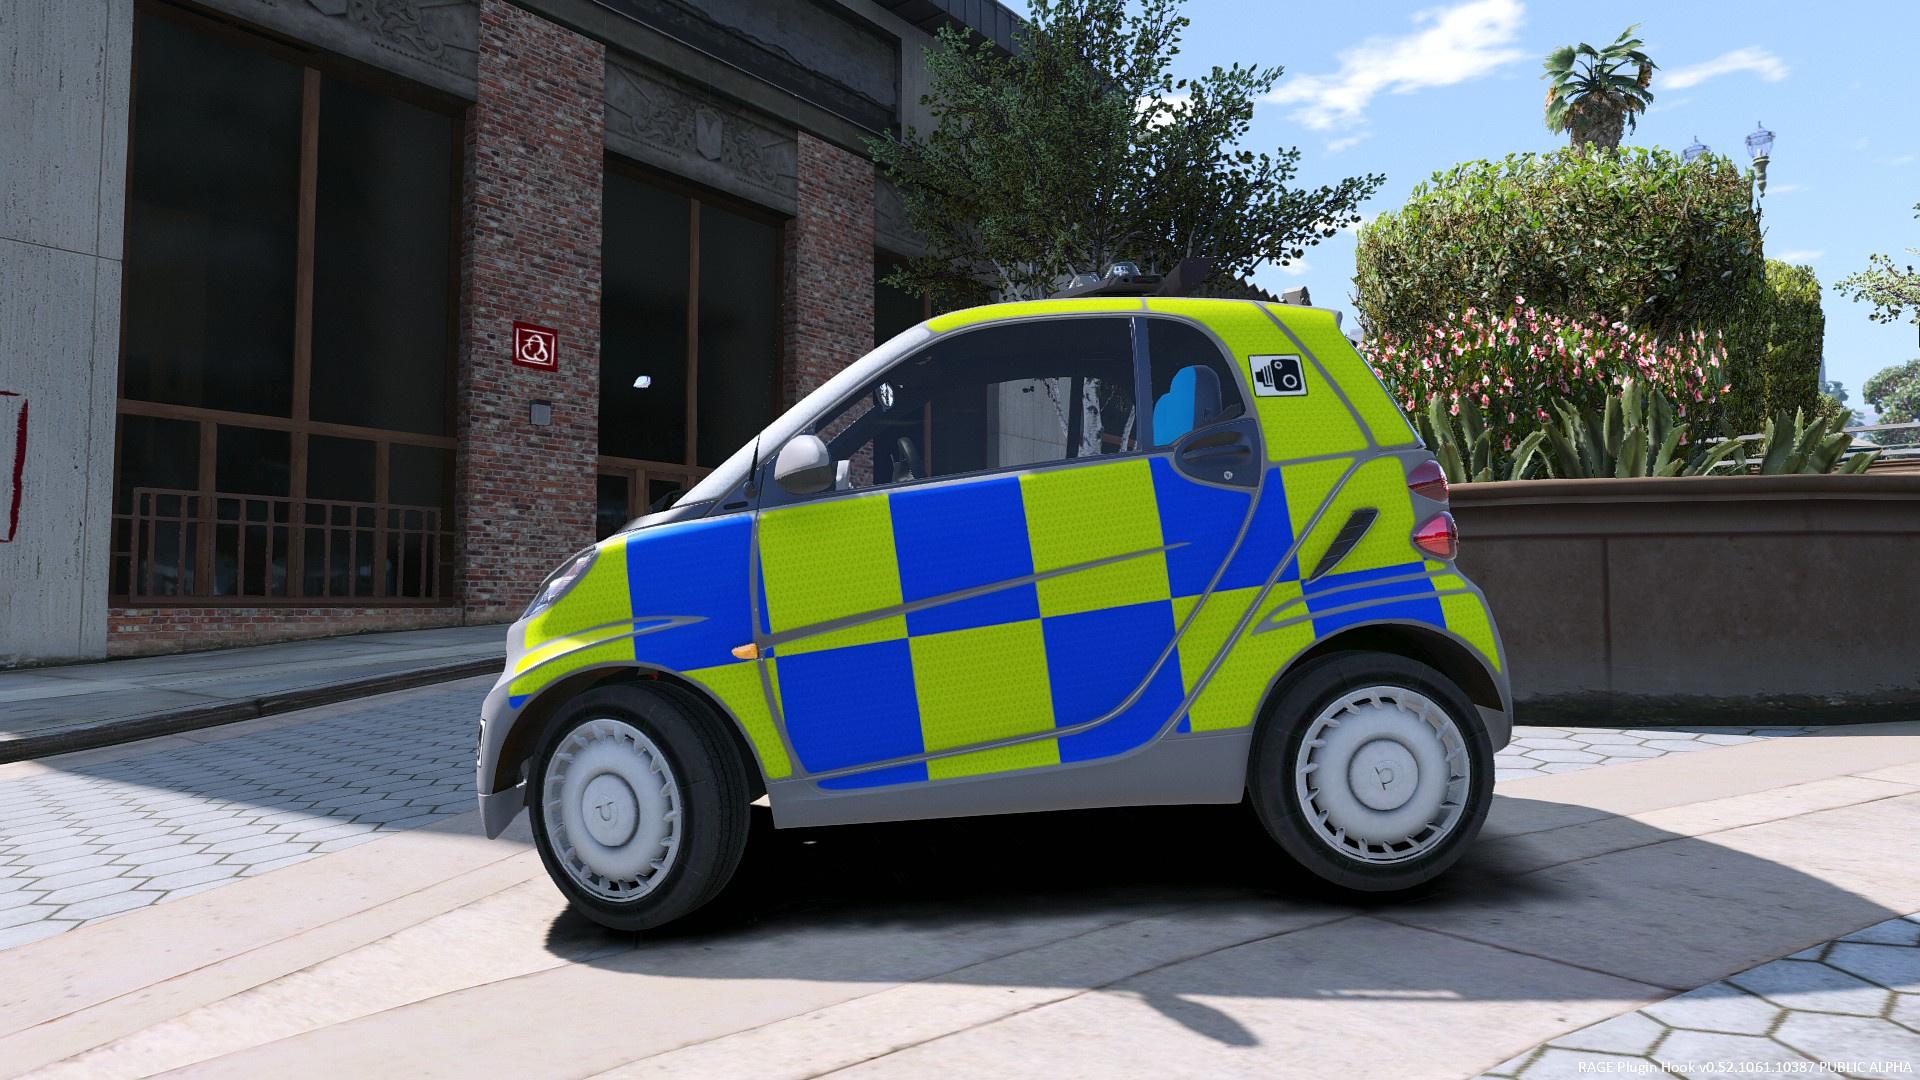 various uk police skins for smart car gta5. Black Bedroom Furniture Sets. Home Design Ideas